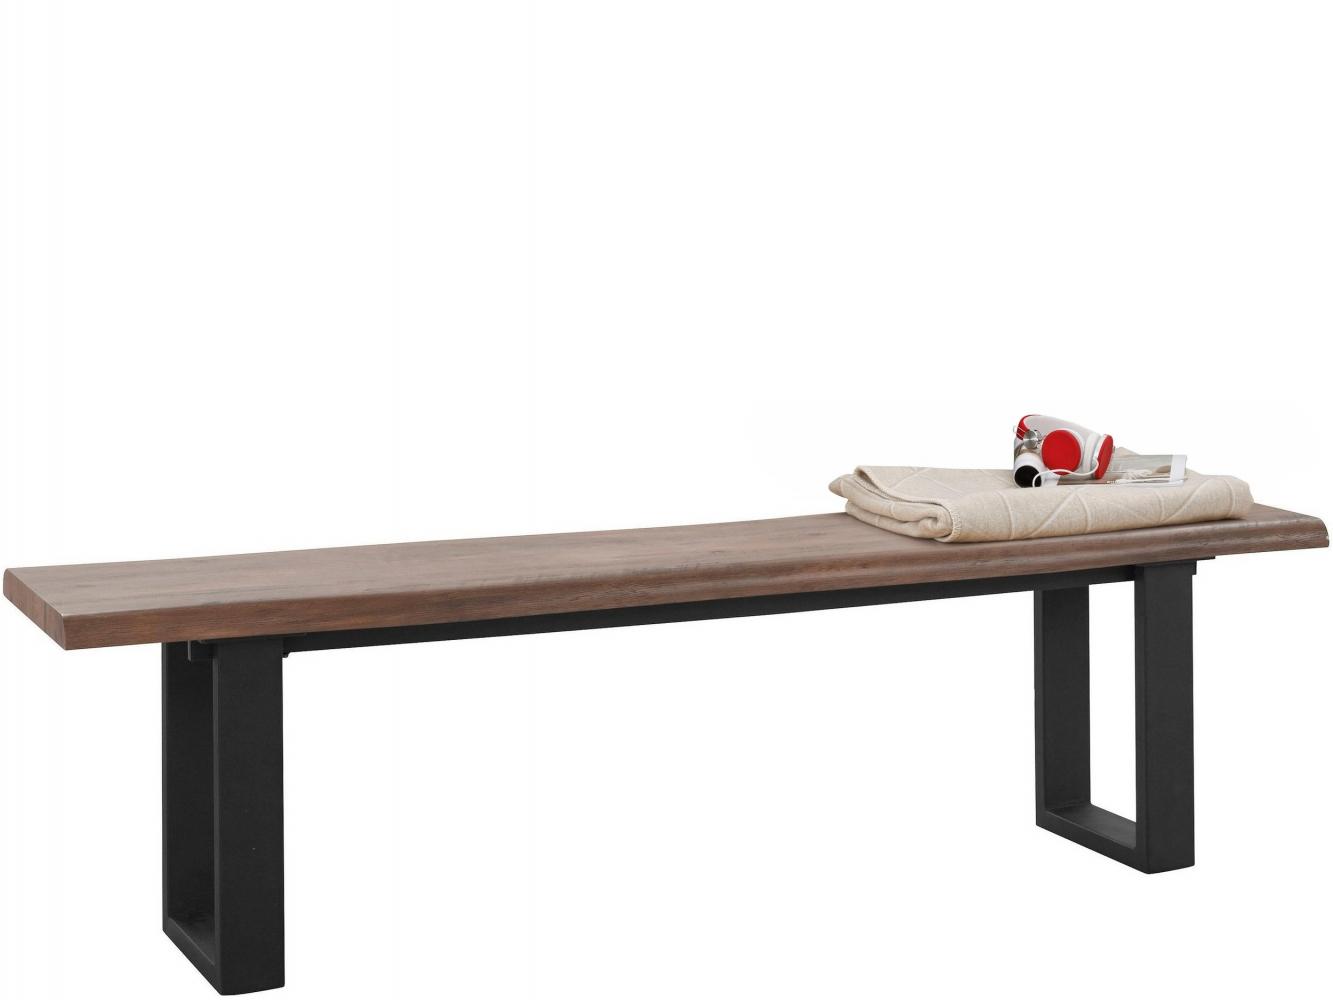 Lavice Sinc, 180 cm, hnědá / černá